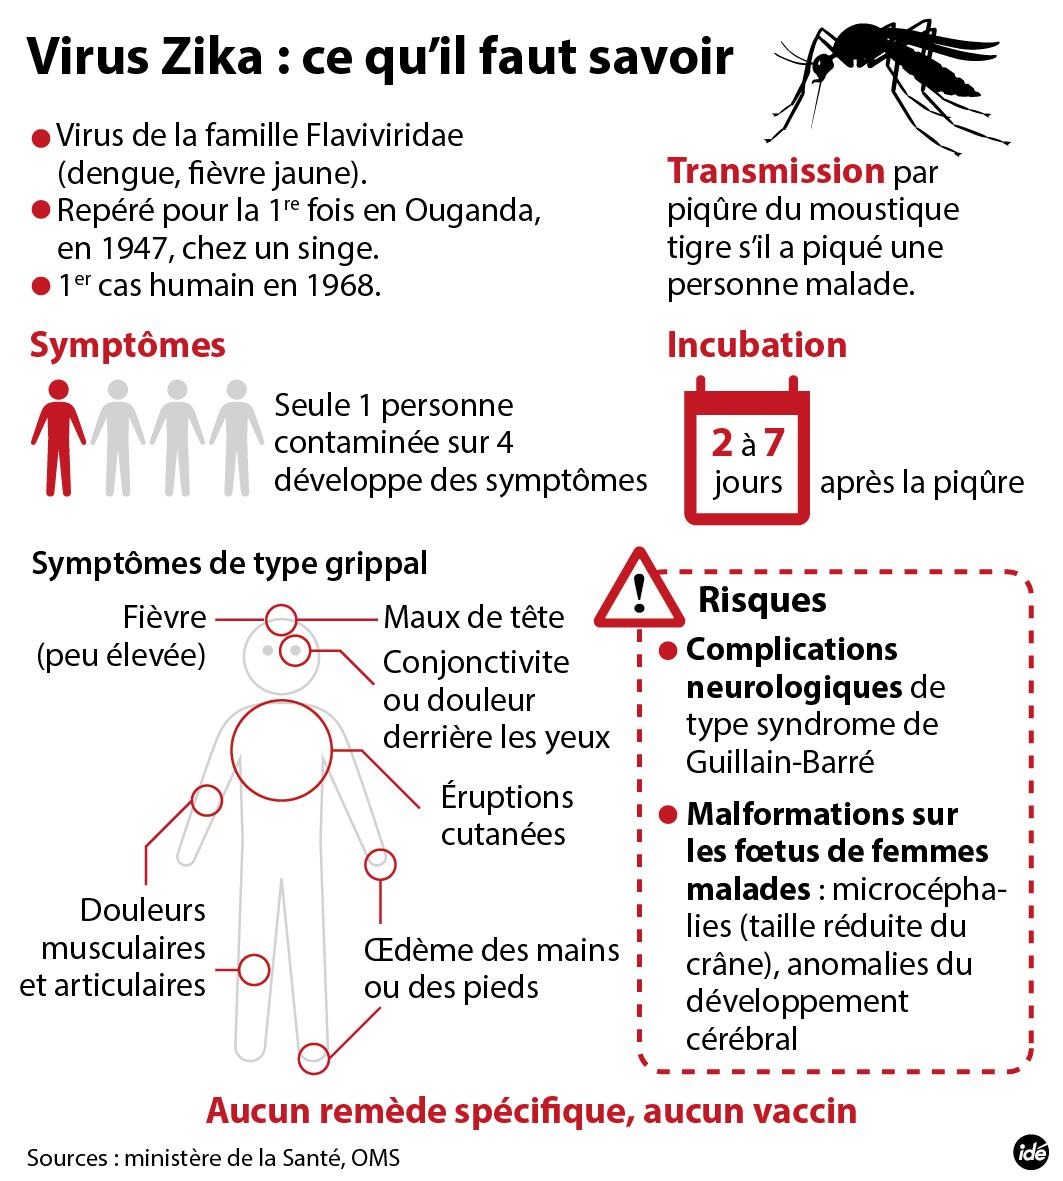 zika risques